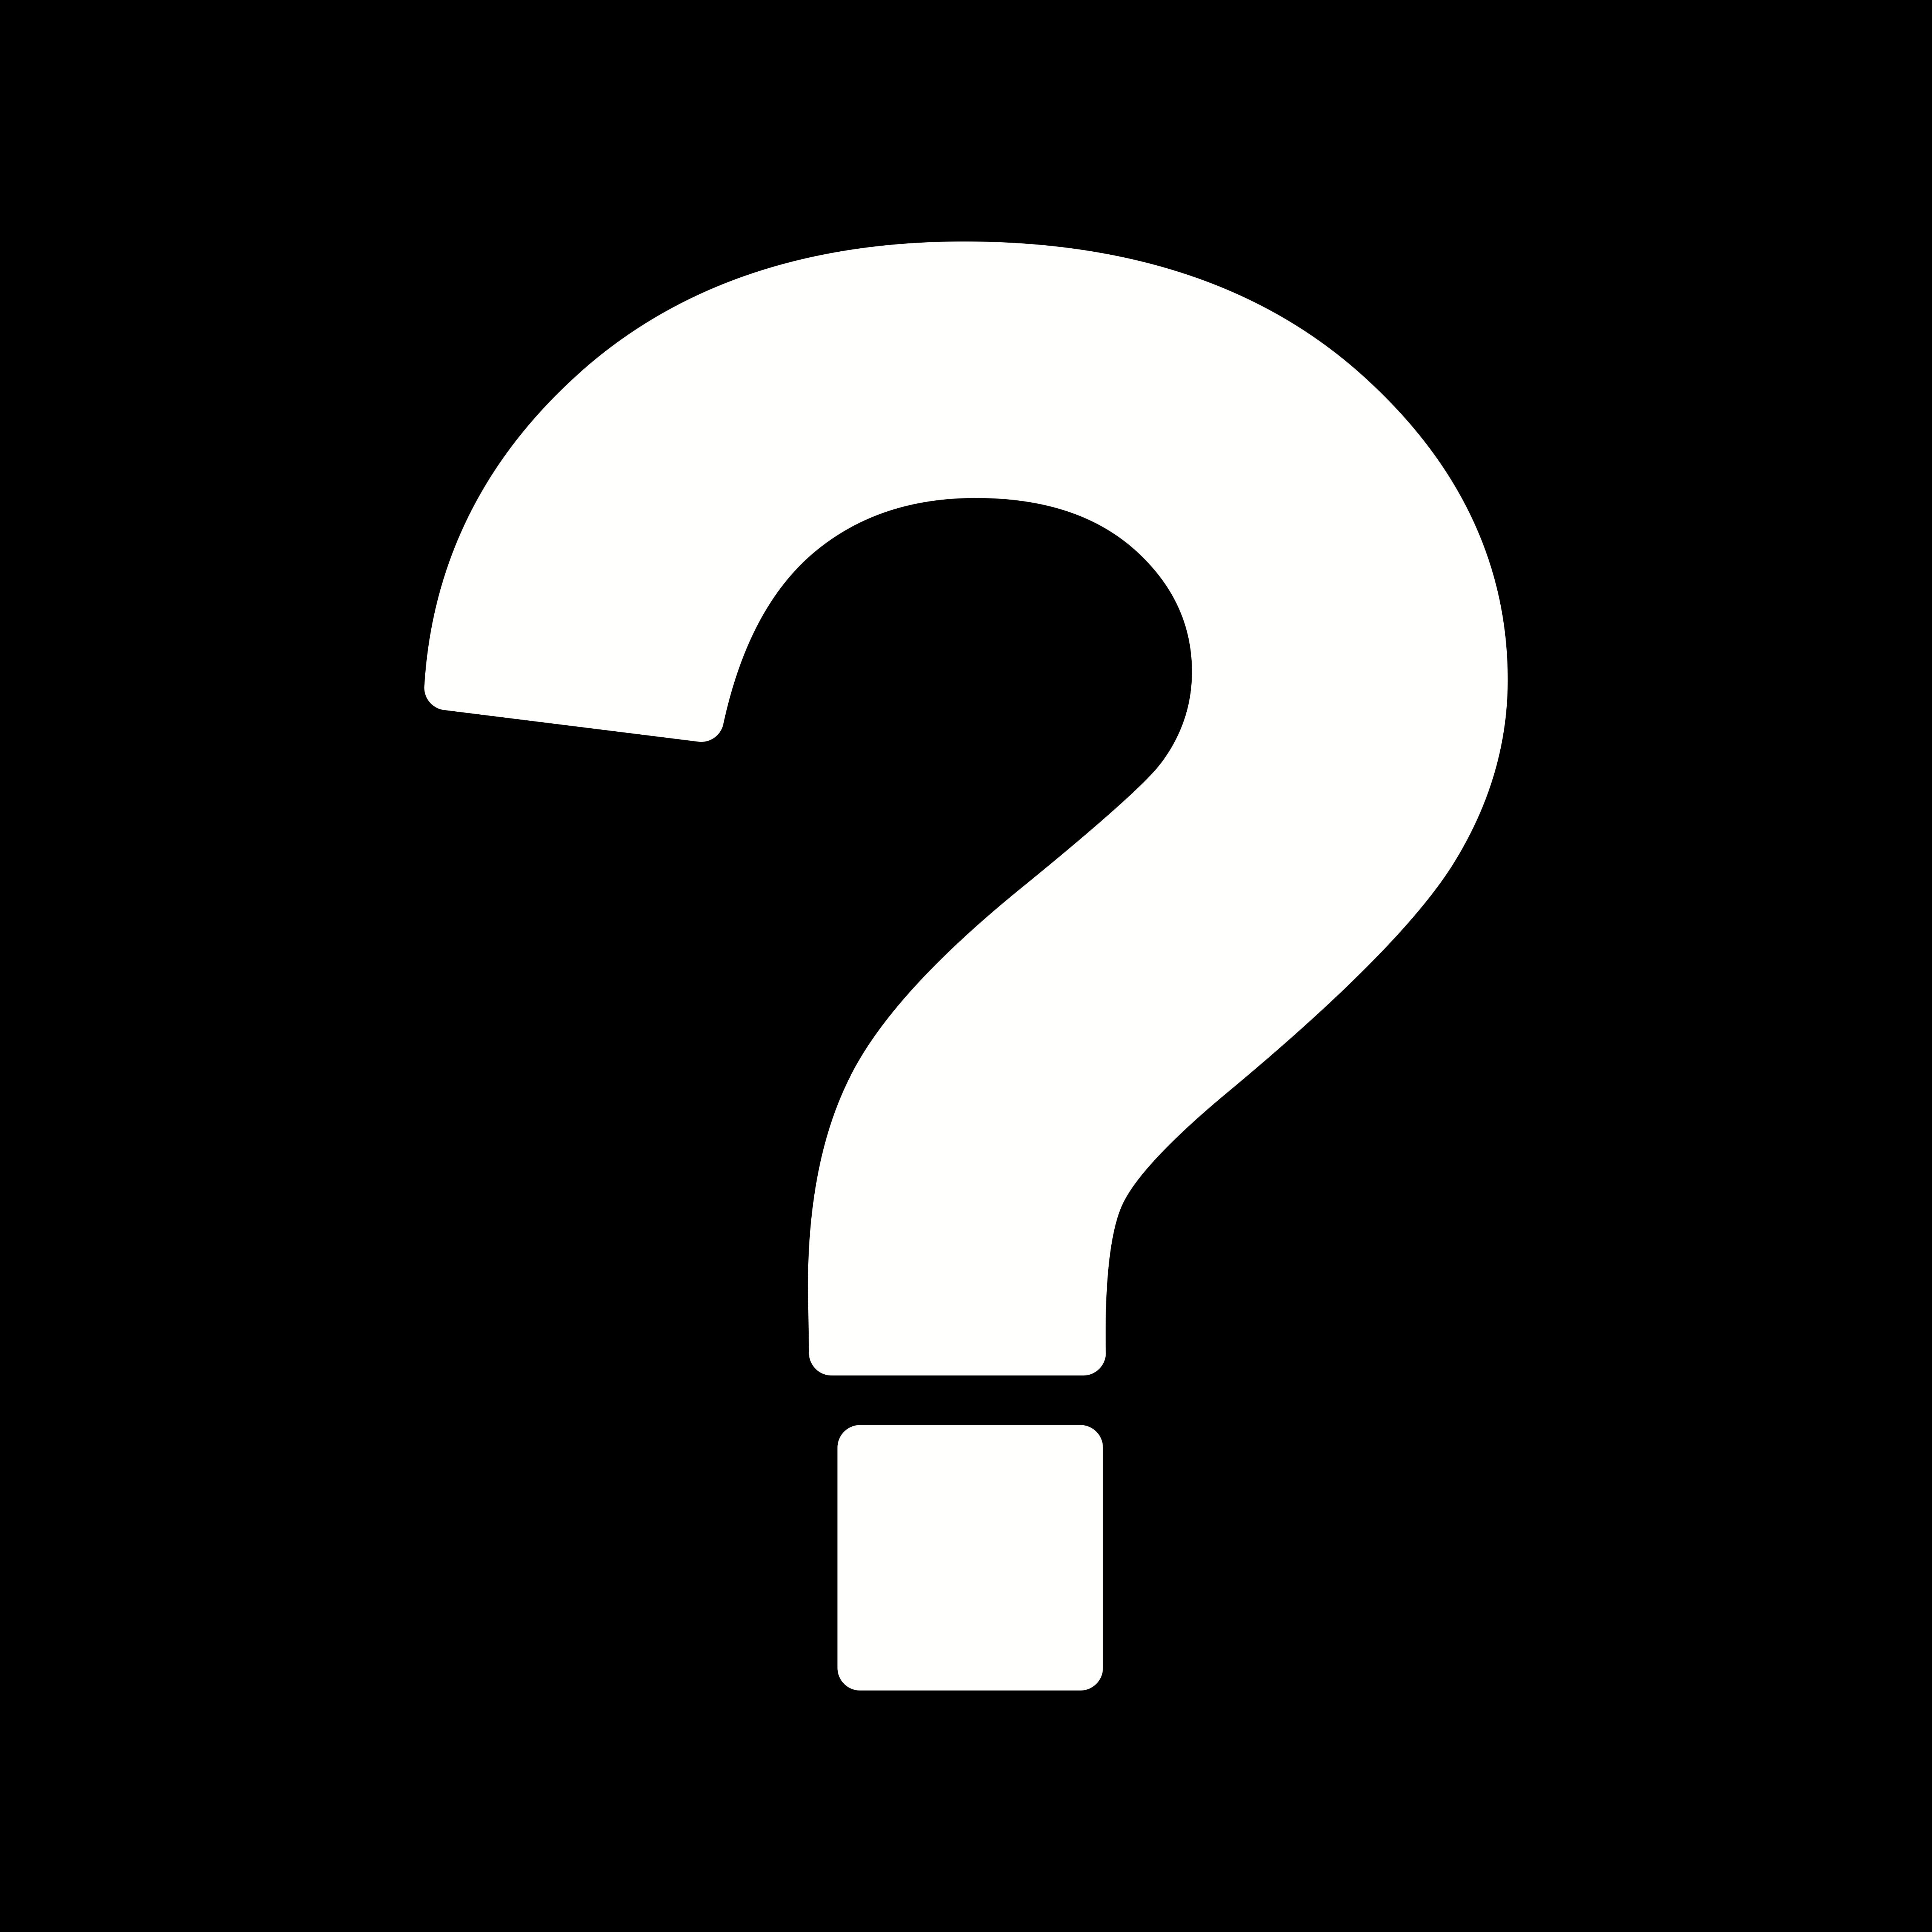 картинки с вопросительным знаком на черном фоне сумок шанель скидкой